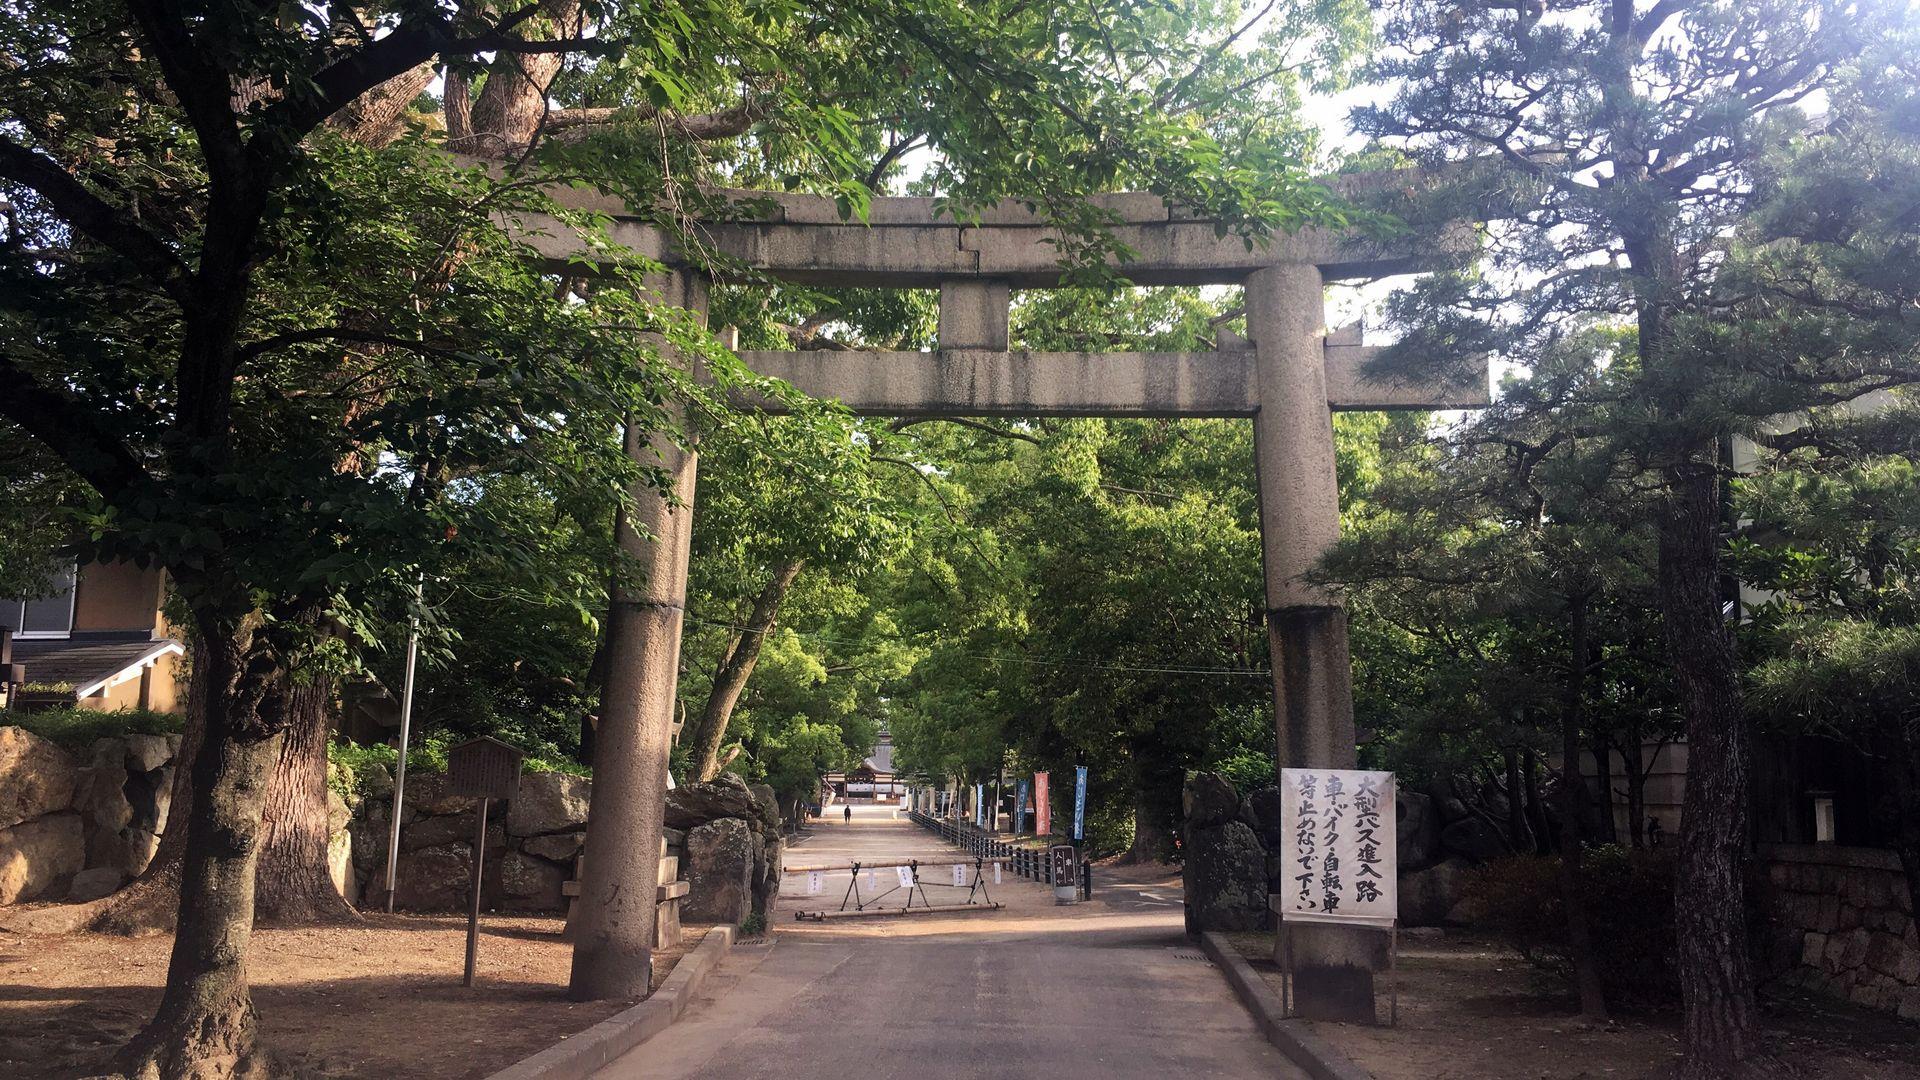 藤森神社の石造鳥居